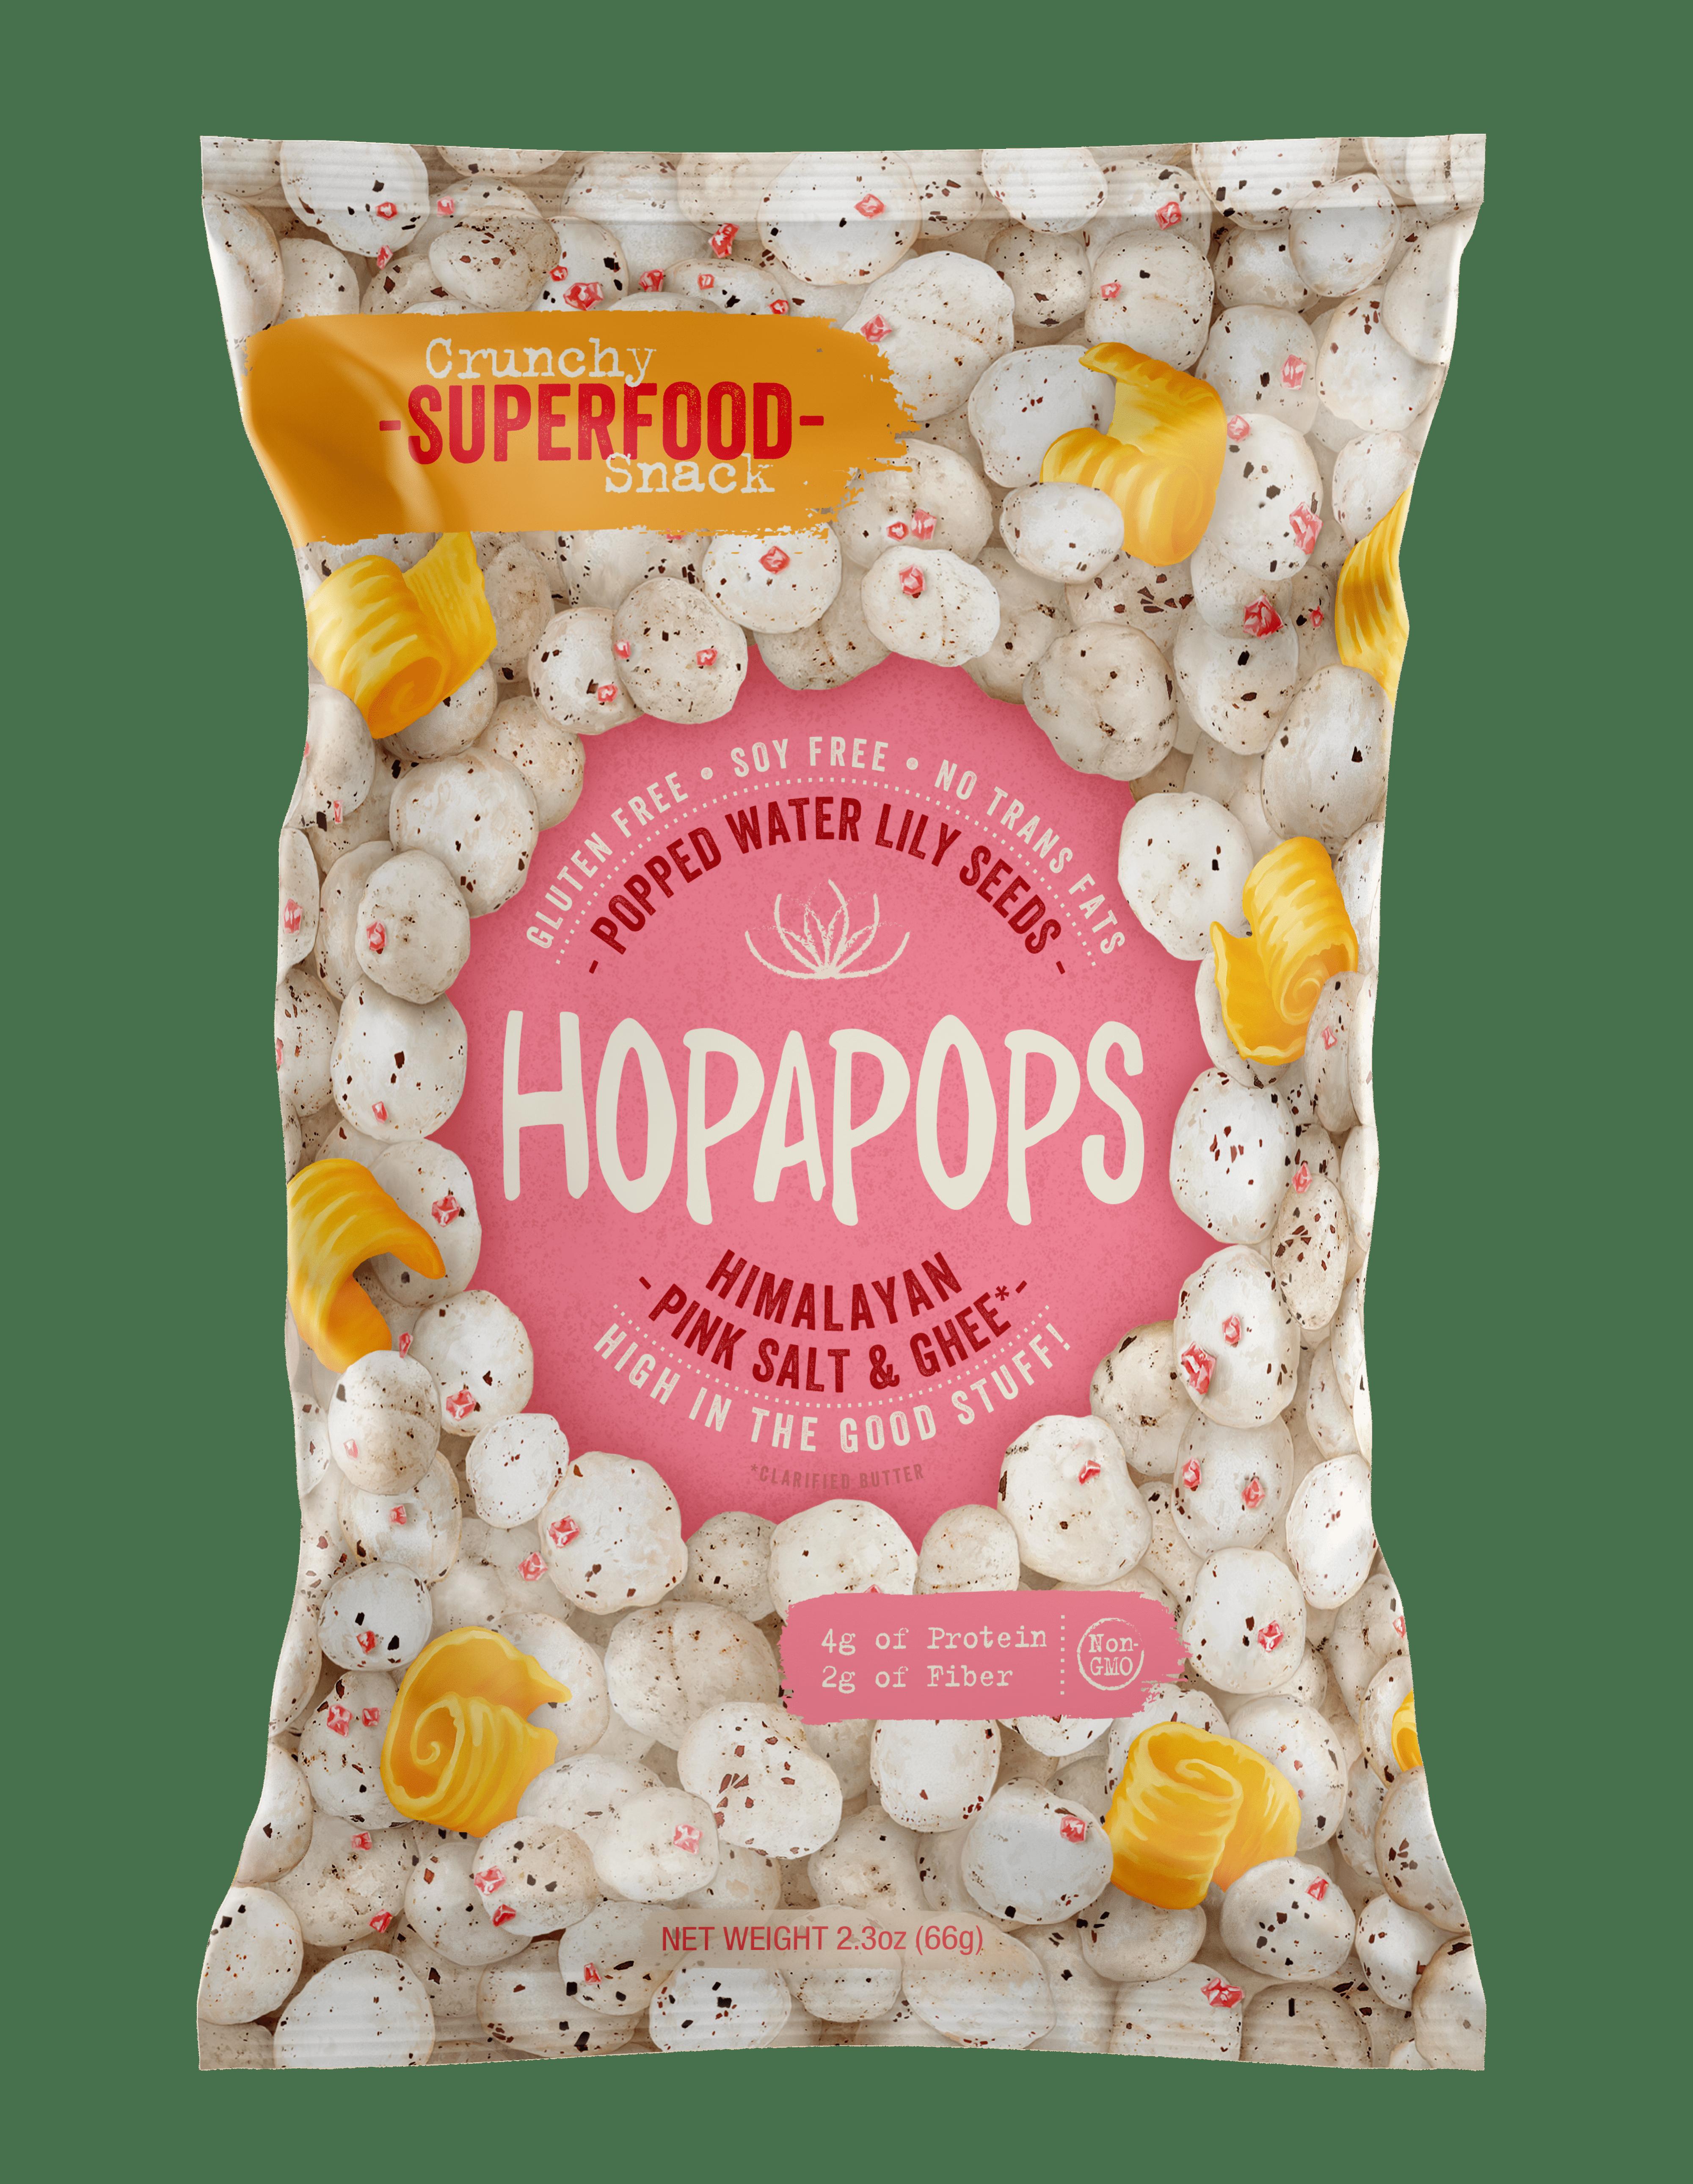 Hopapops to Debut New Flavor, Himalayan Pink Salt & Ghee